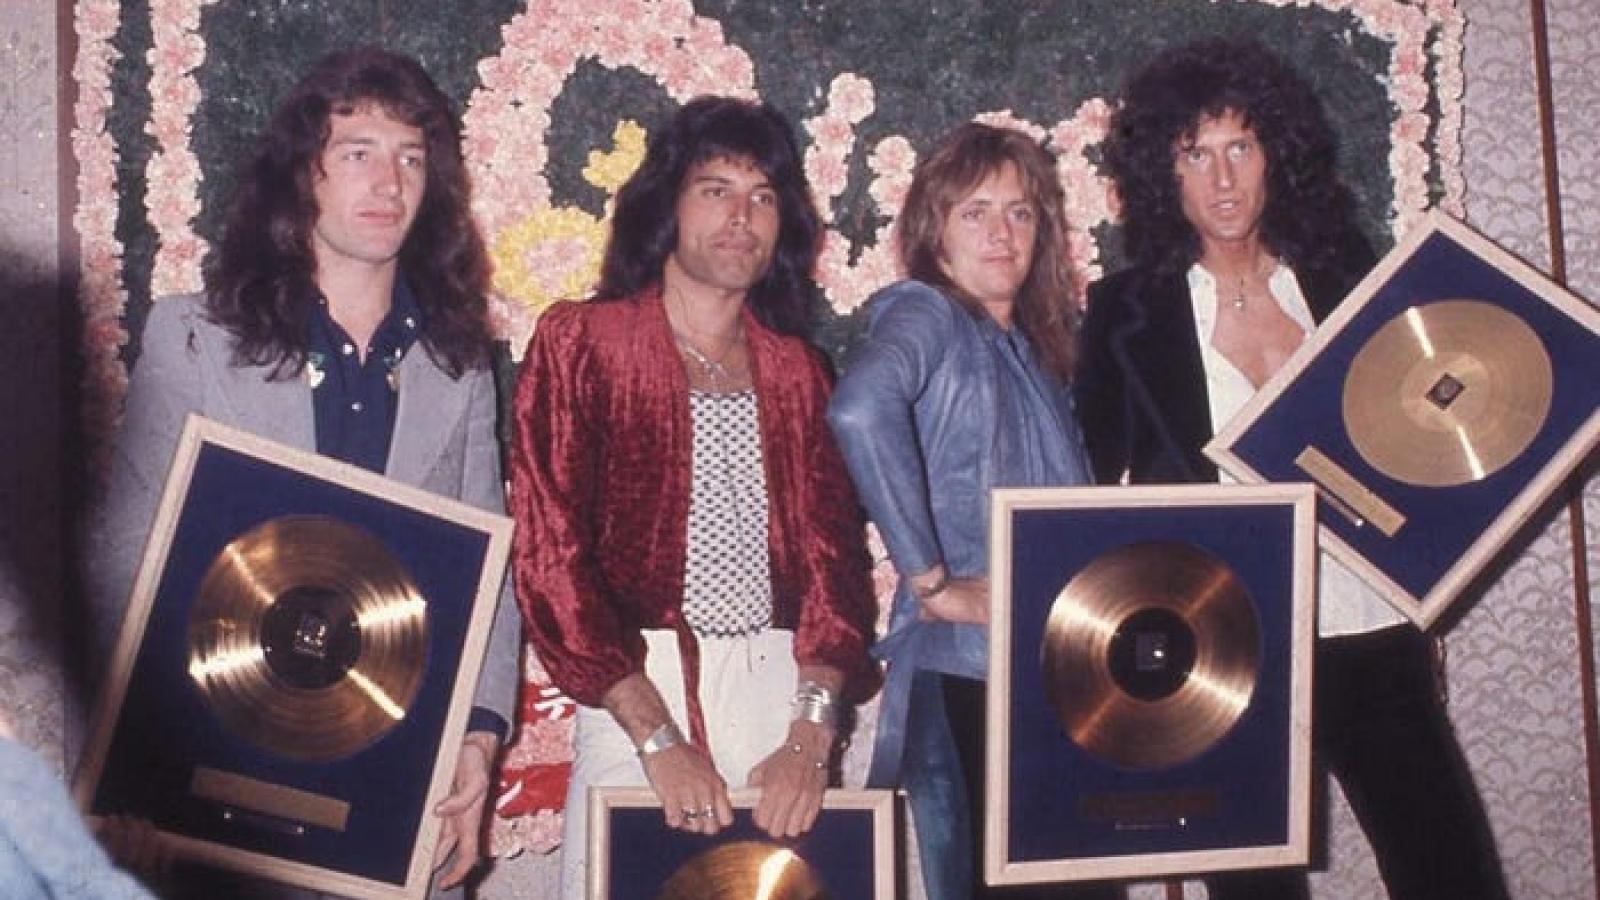 Những bức ảnh đáng nhớ về Queen khiến người hâm mộ bồi hồi kỷ niệm